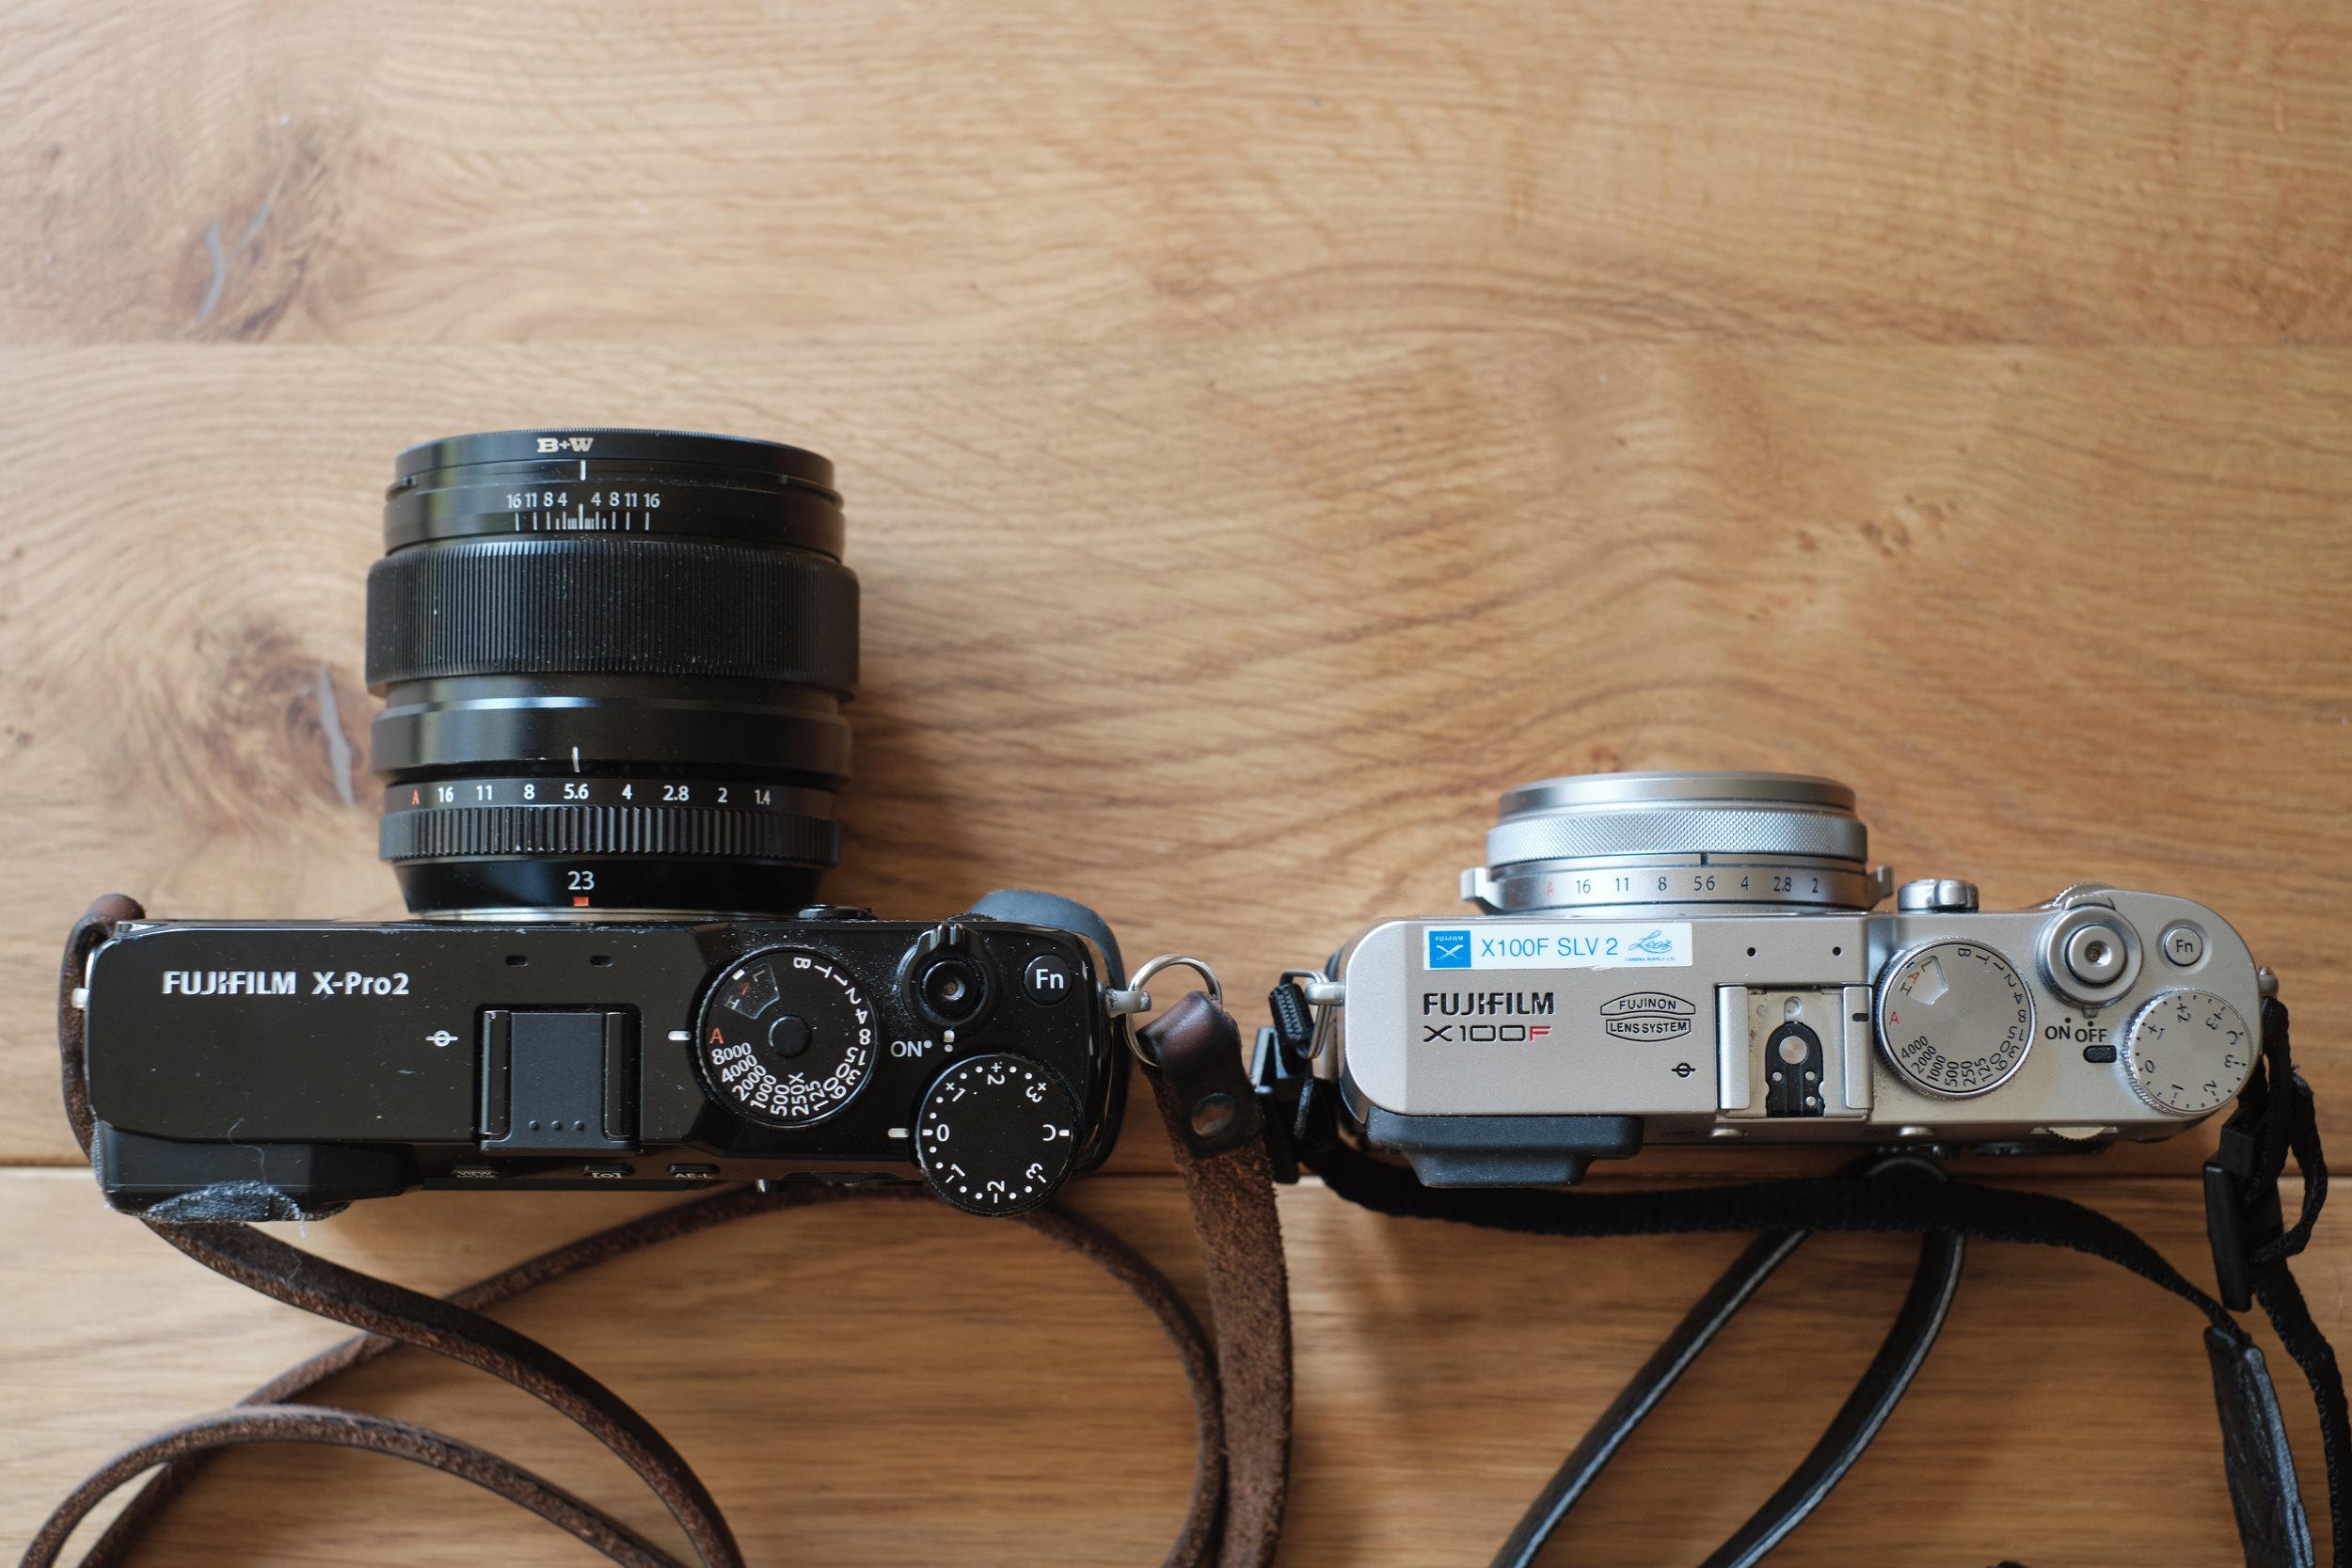 X-Pro2 vs. X 100F size comparison